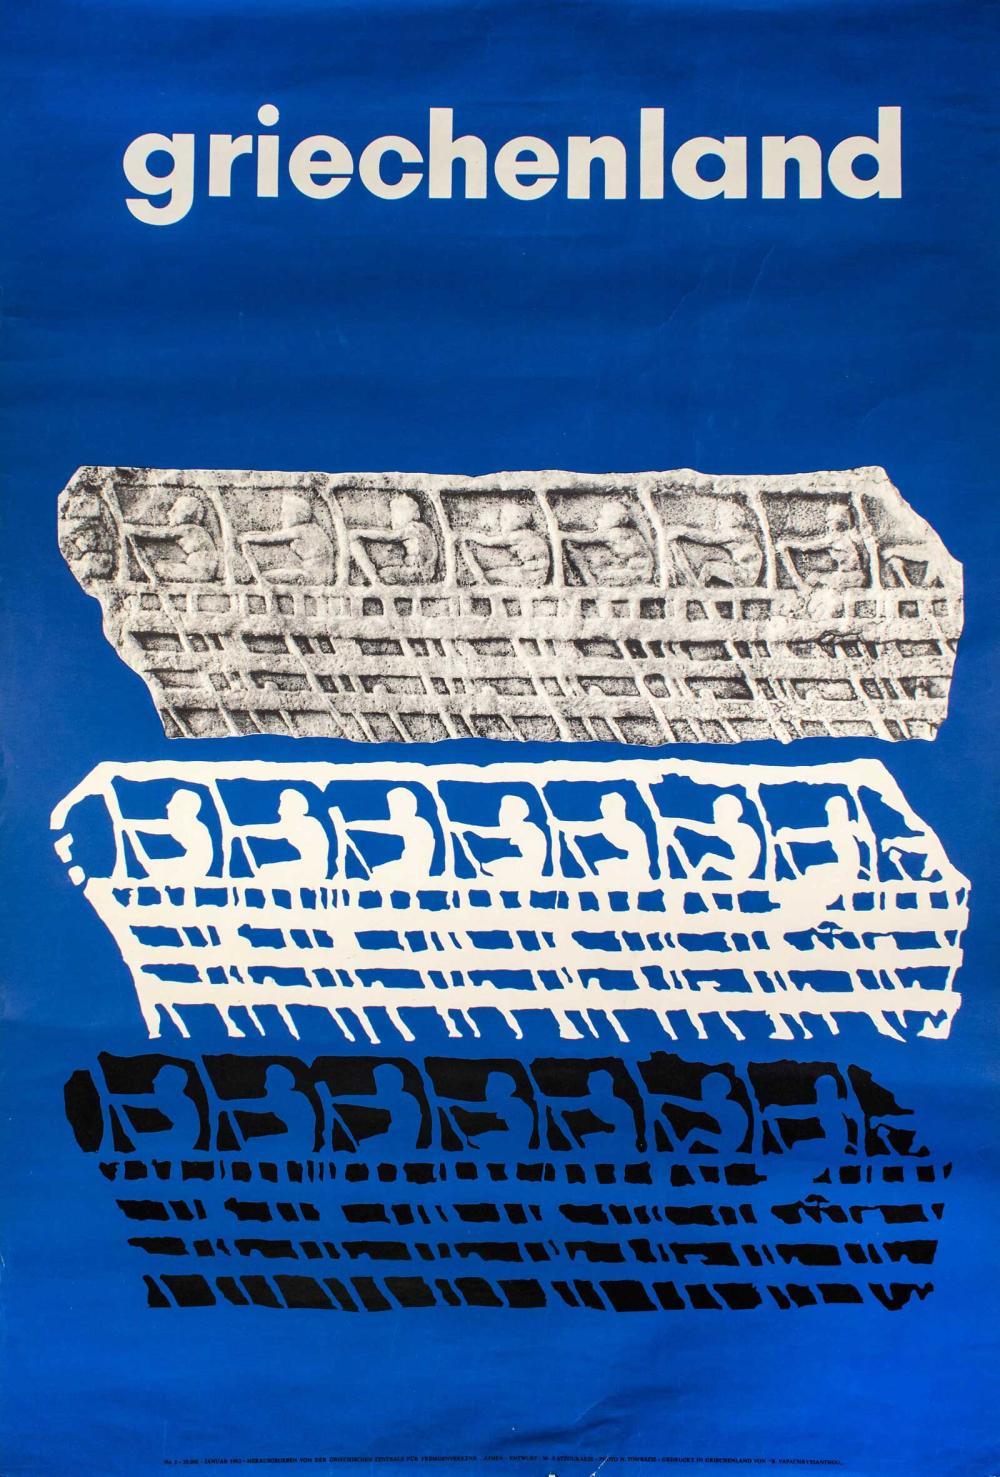 """[ΚΑΤΖΟΥΡΑΚΗΣ Μ.]""""GRIECHENLAND"""", No 3 - 20.000 – Januar1962 -Herausgegeben von der Griechischen... - Greece - / POSTERS"""